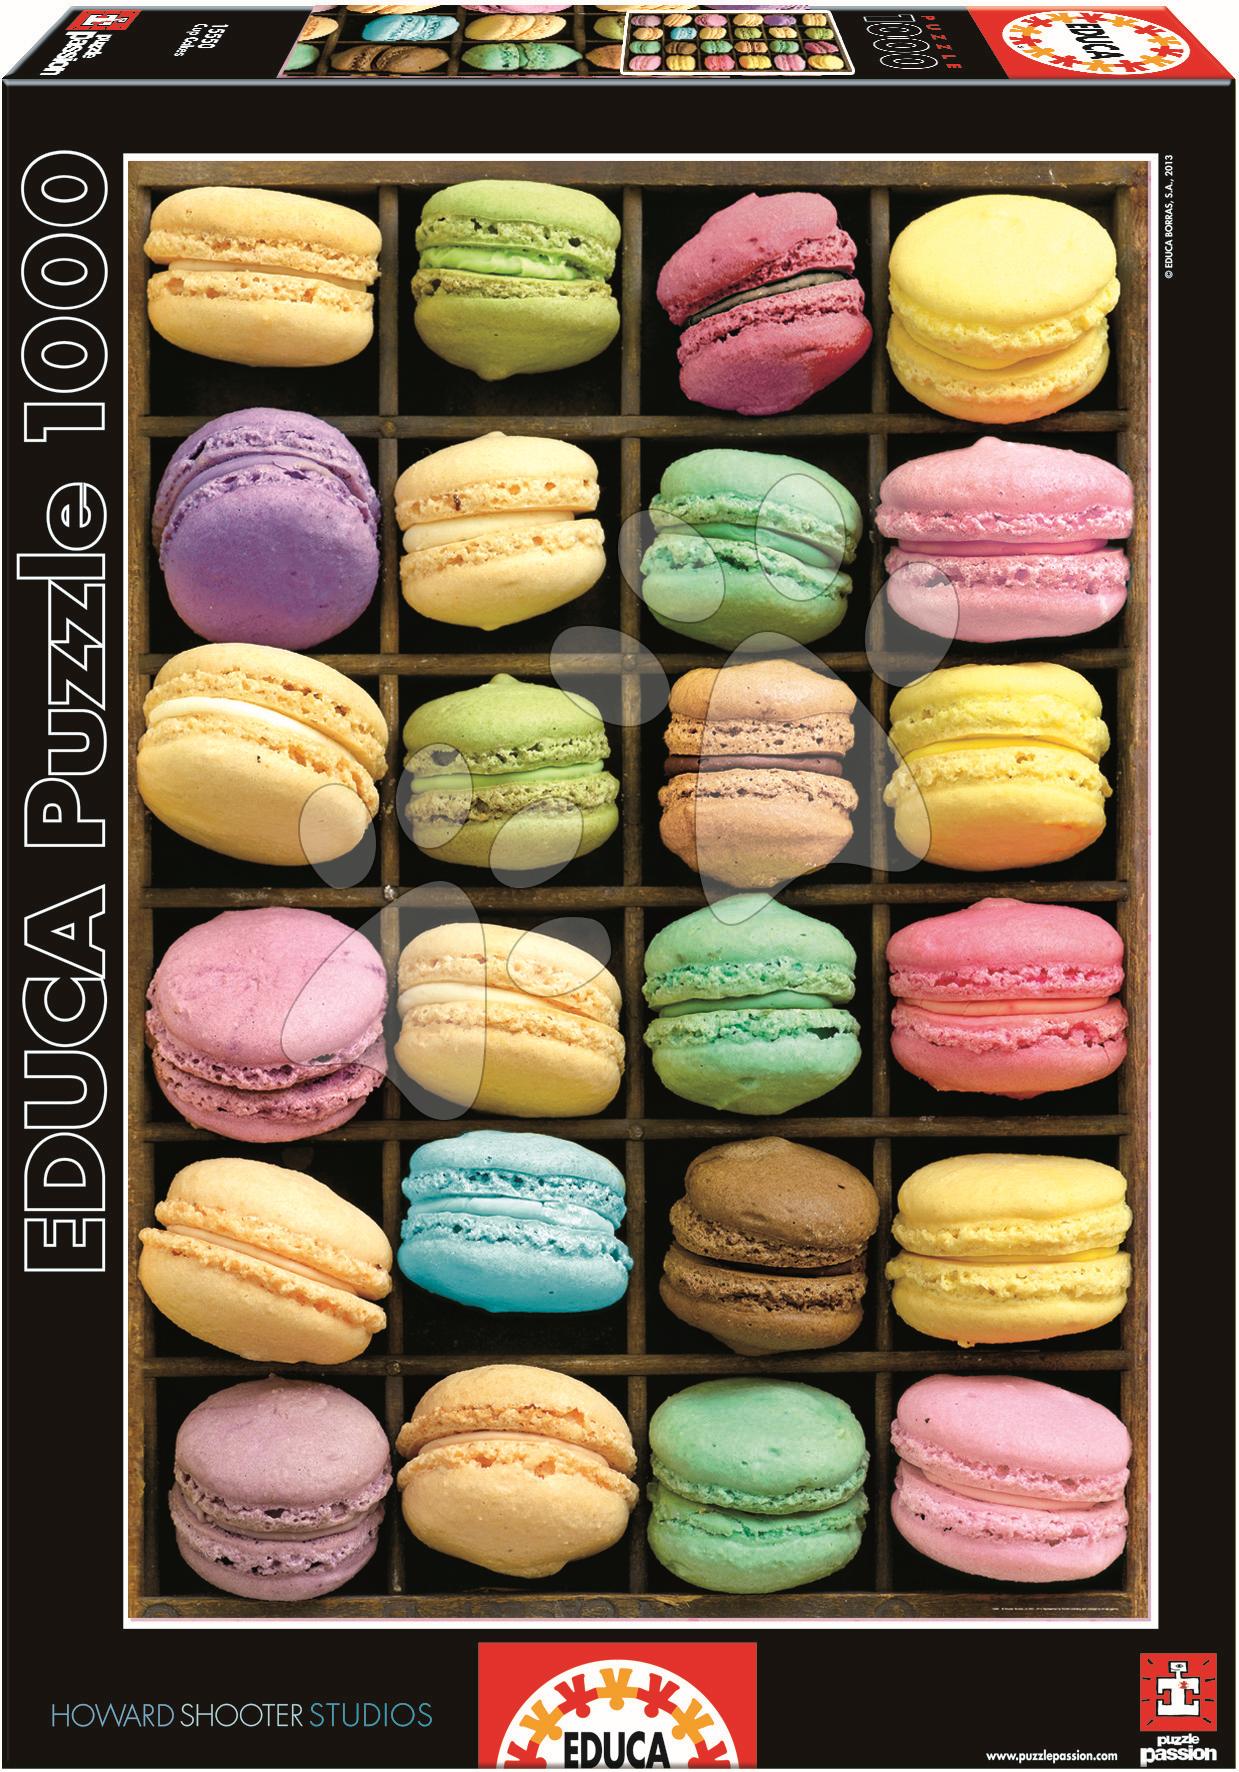 Puzzle 1000 dielne - Puzzle Macarons Educa 1000 dielov od 12 rokov